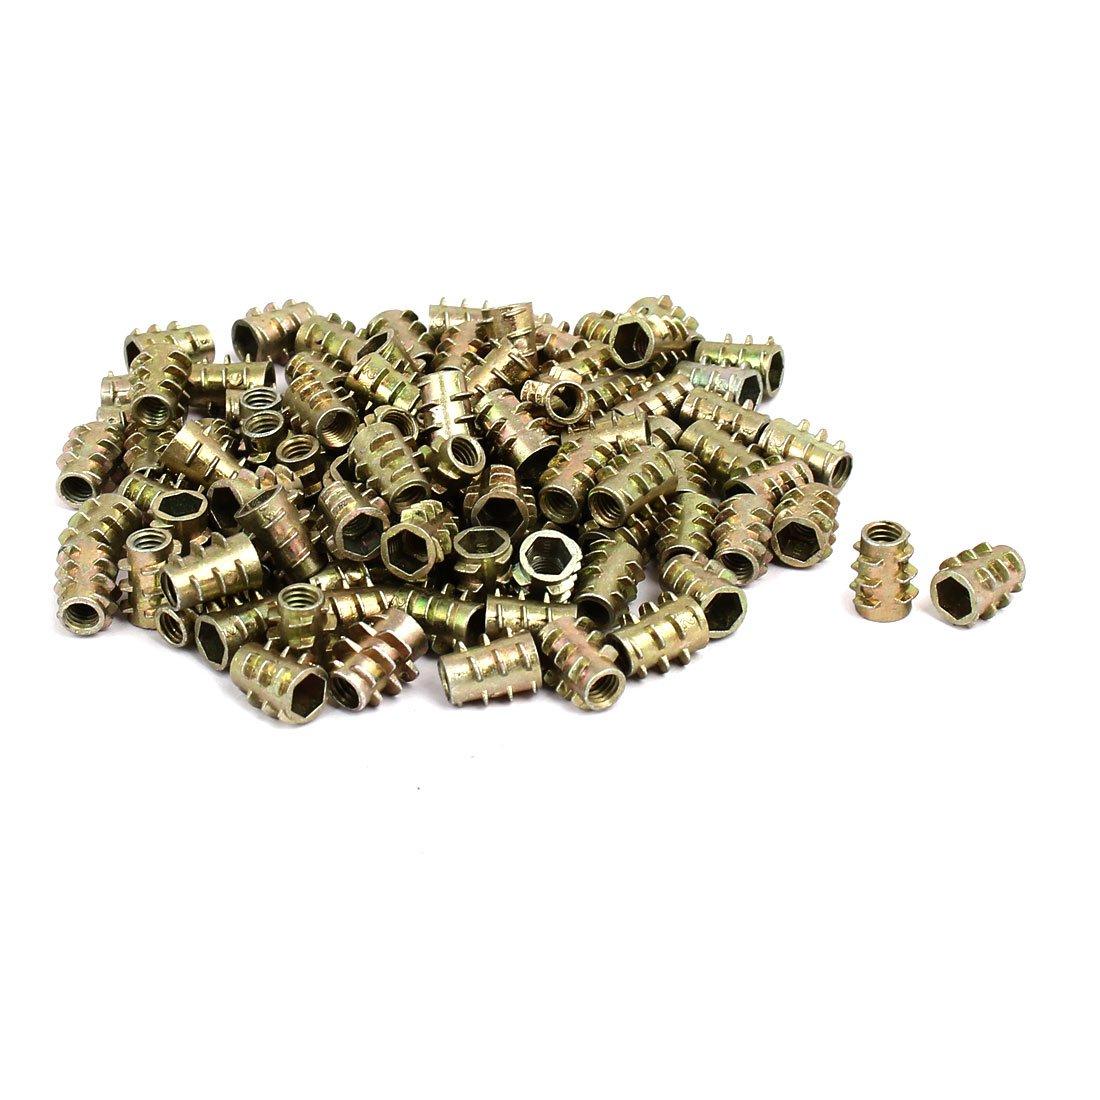 uxcell Threaded Insert Nuts Zinc Alloy Hex-Flush M5 Internal Threads 10mm Length 50pcs